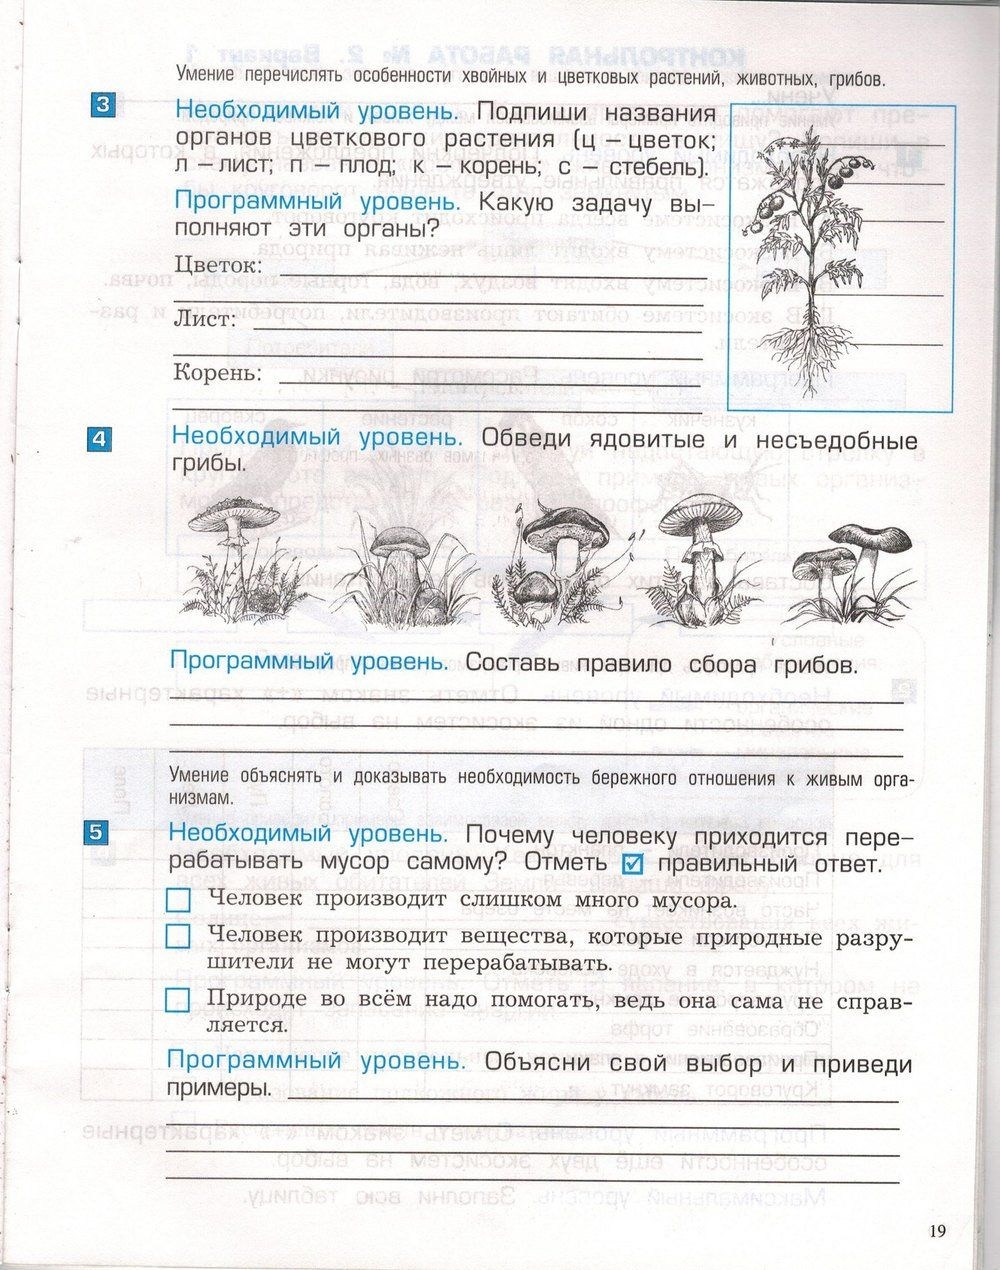 Русский язык 10 класс рудяков фролова быкова онлайн